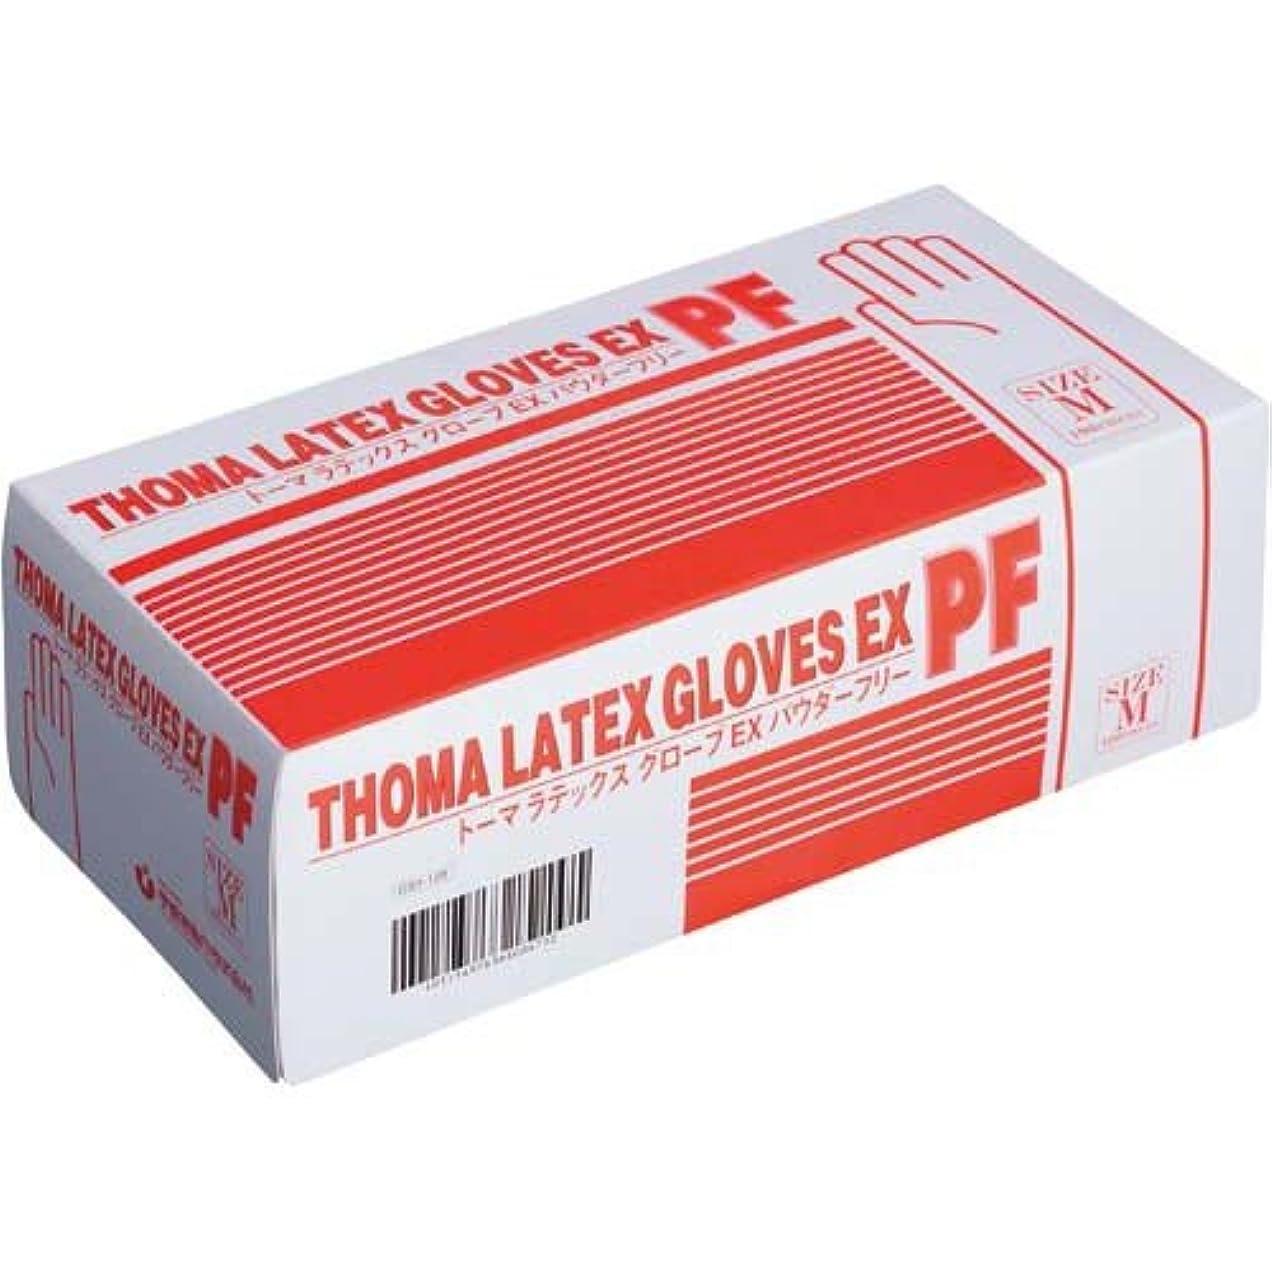 不可能な集中的なポップ宇都宮製作 トーマラテックスグローブEX粉無M100枚入×10